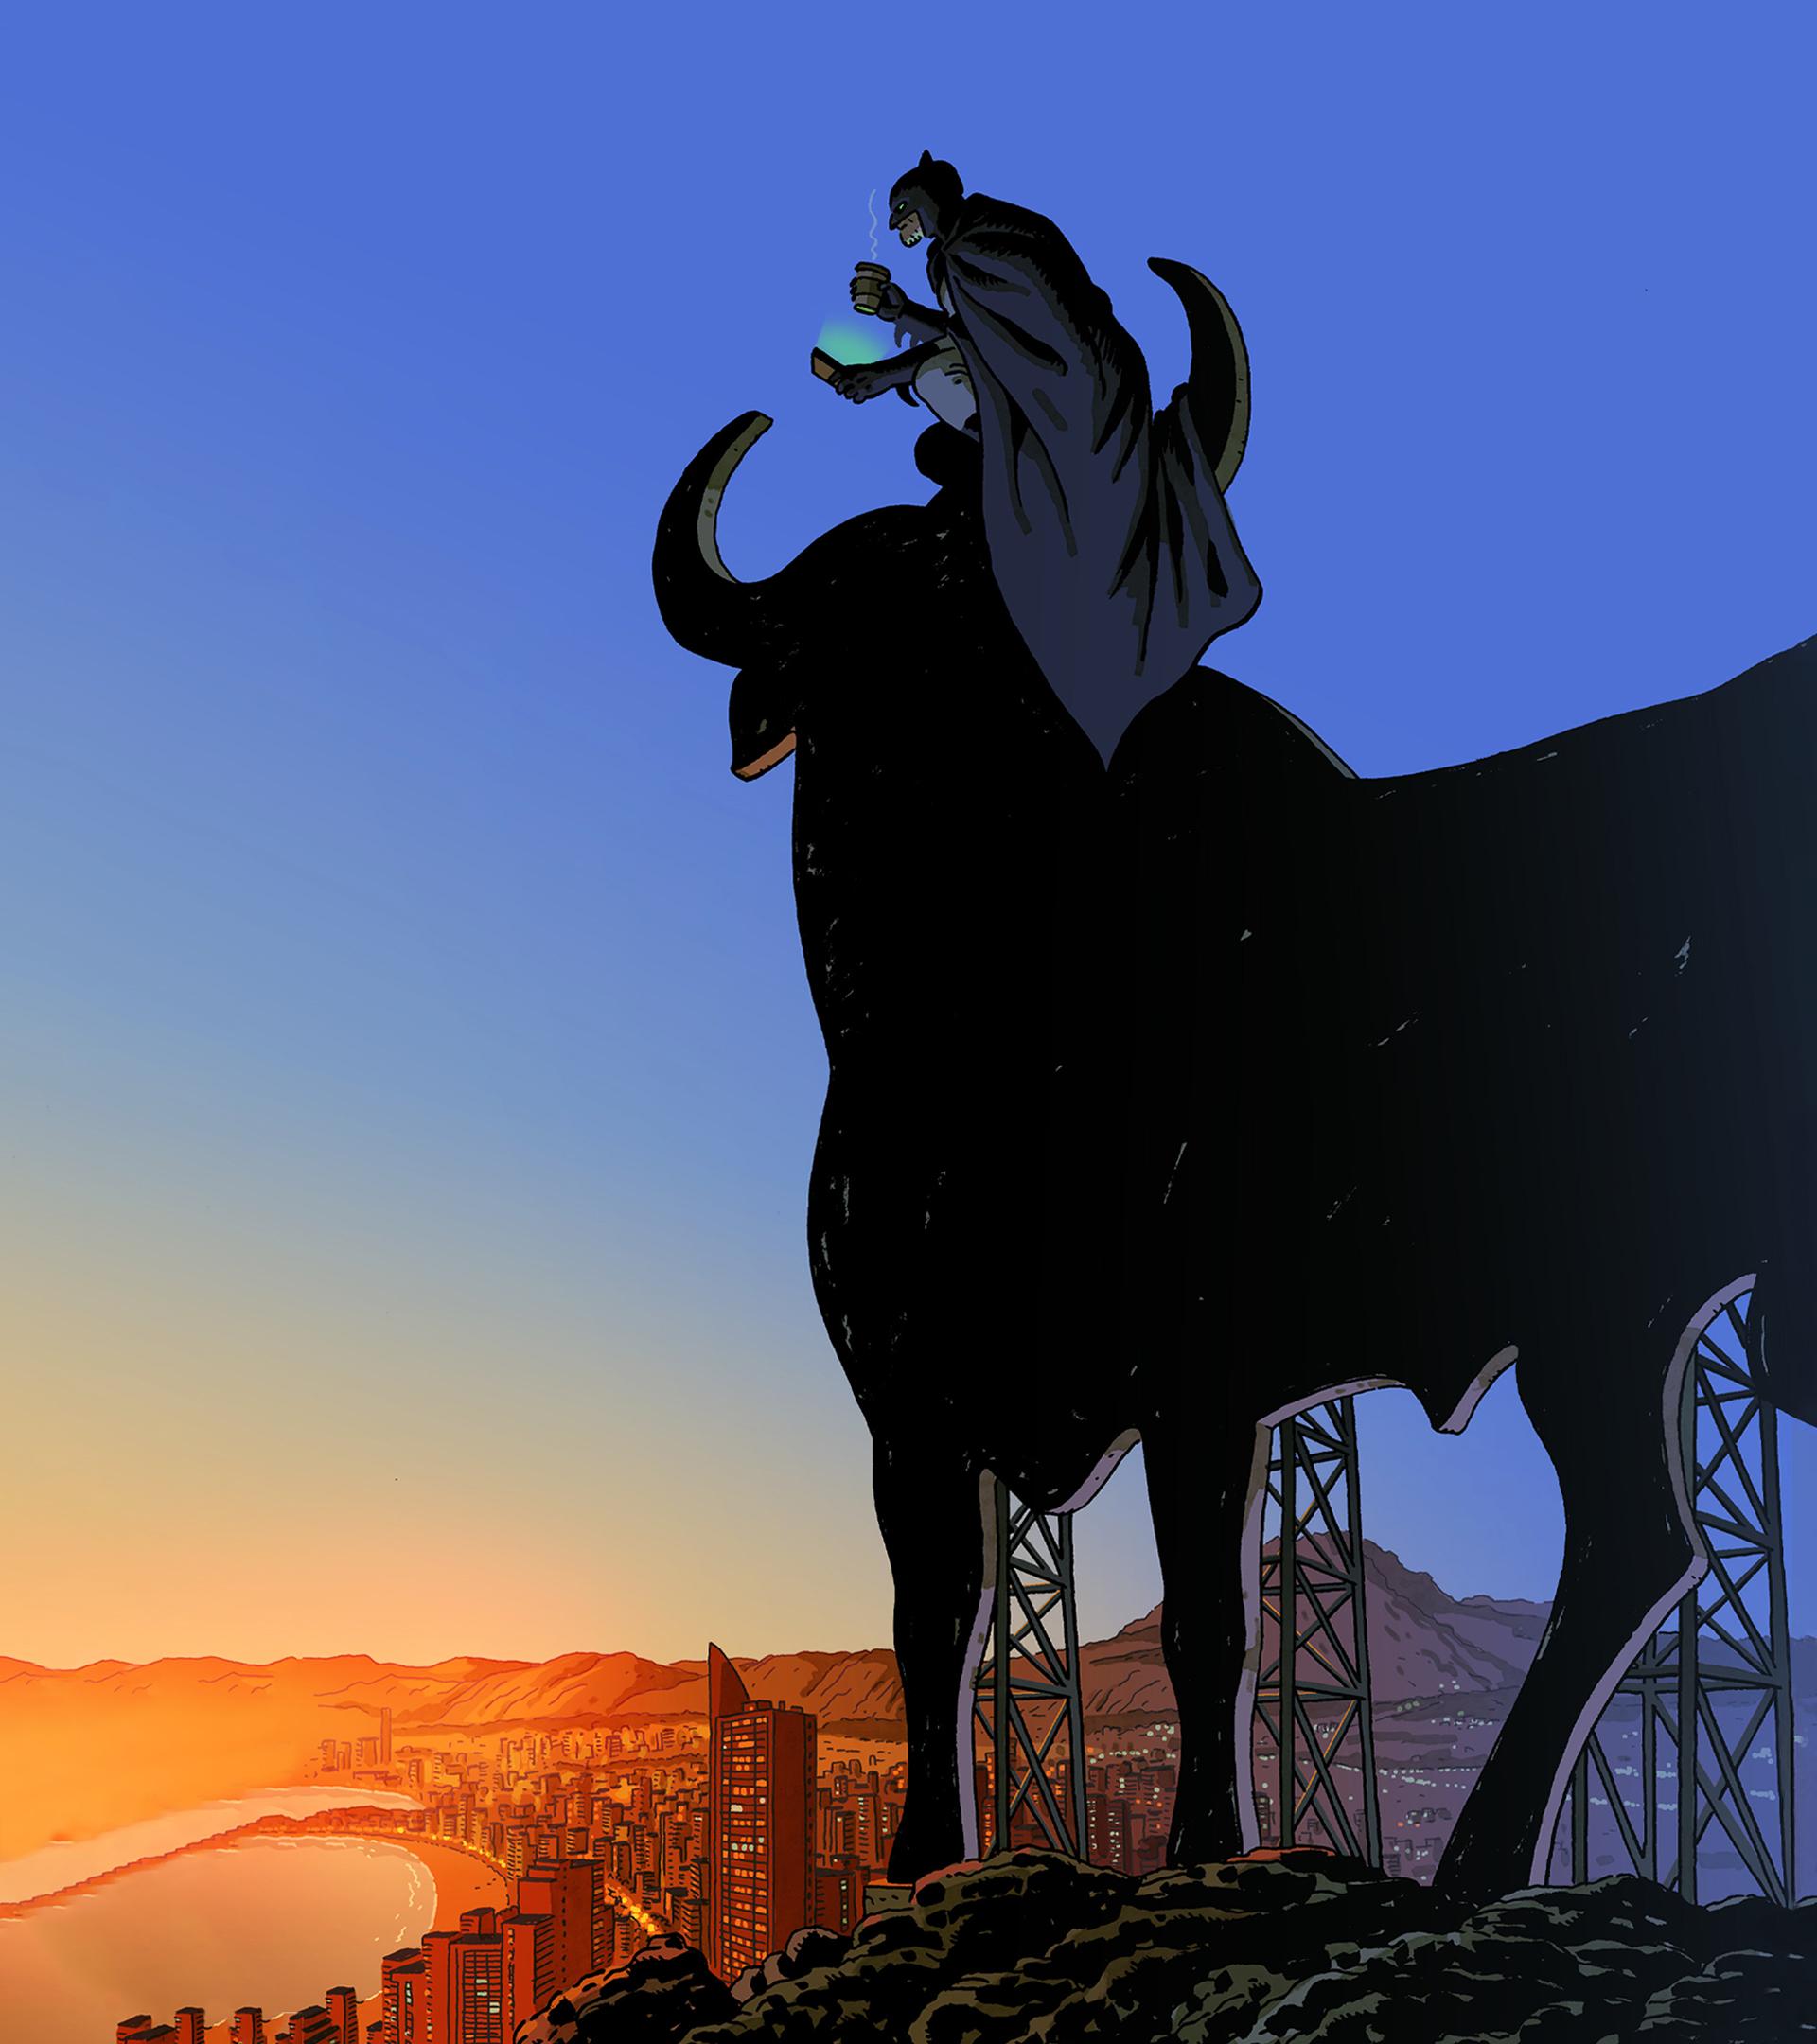 Portada de Paco Roca con Batman en Benidorm.